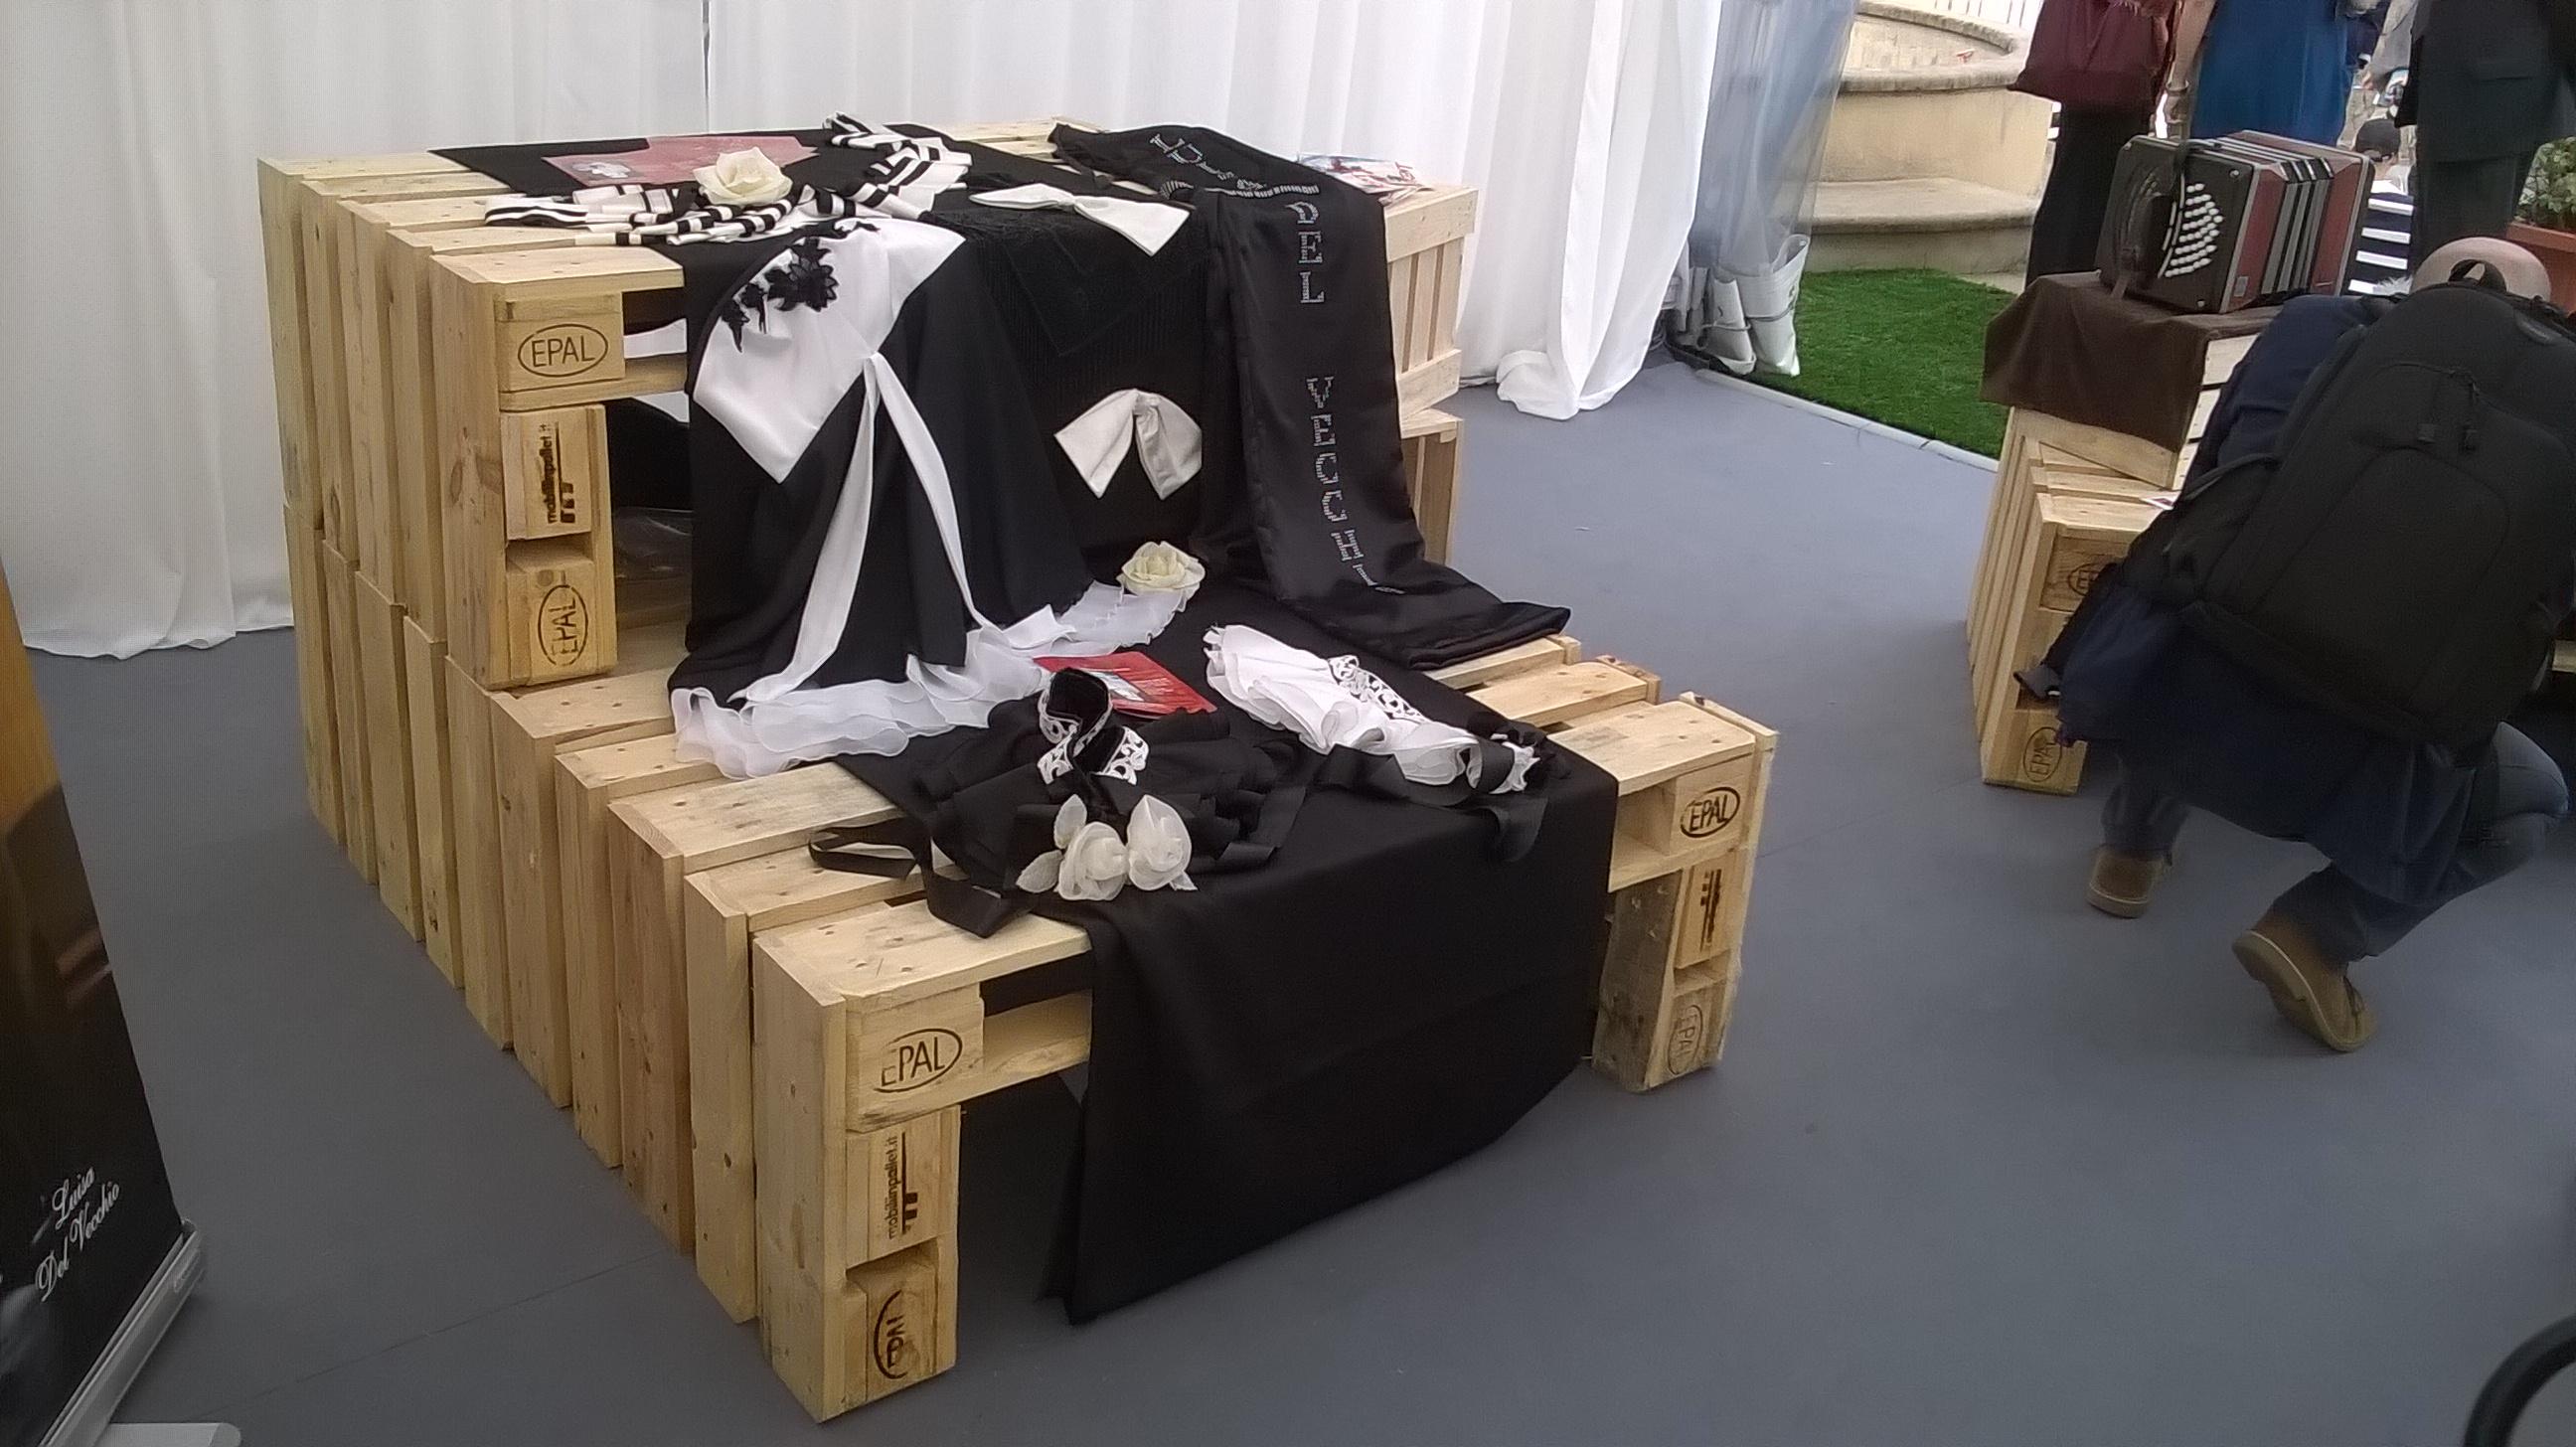 Arredo negozio abbigliamento mobili in pallet for Negozi mobili da giardino milano